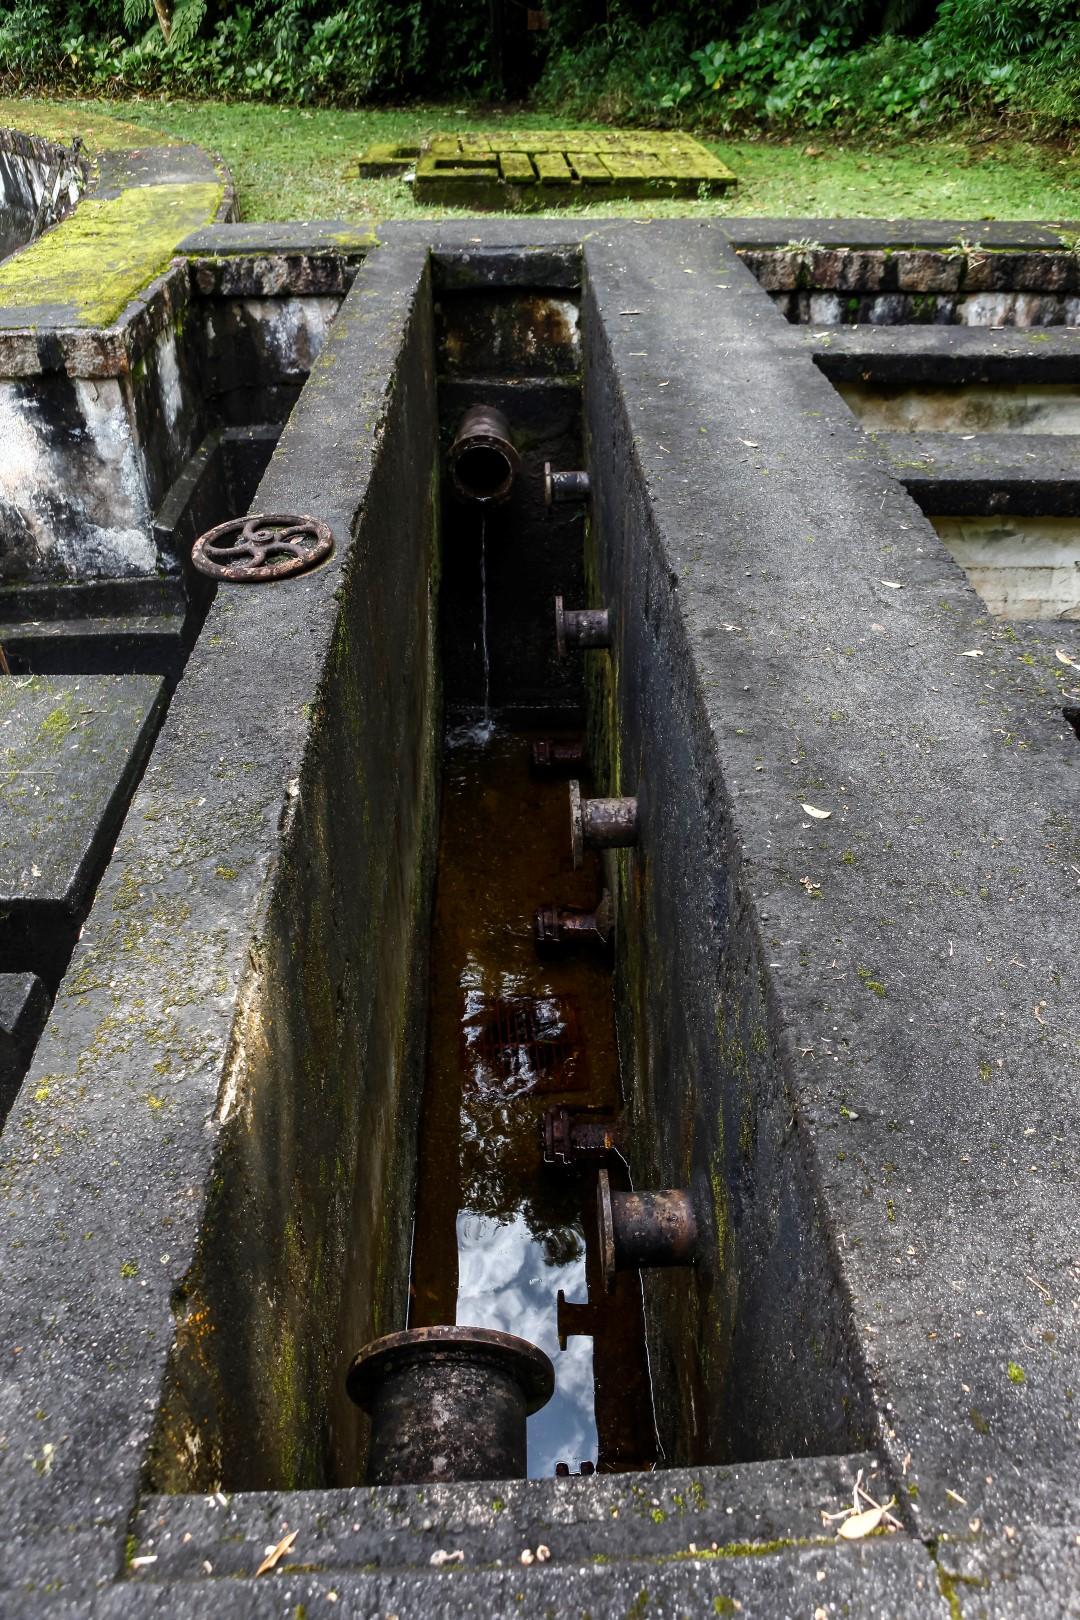 Mesmo com mais de 100 anos de construção, o sistema é importante para o abastecimento de água em Curitiba e região.